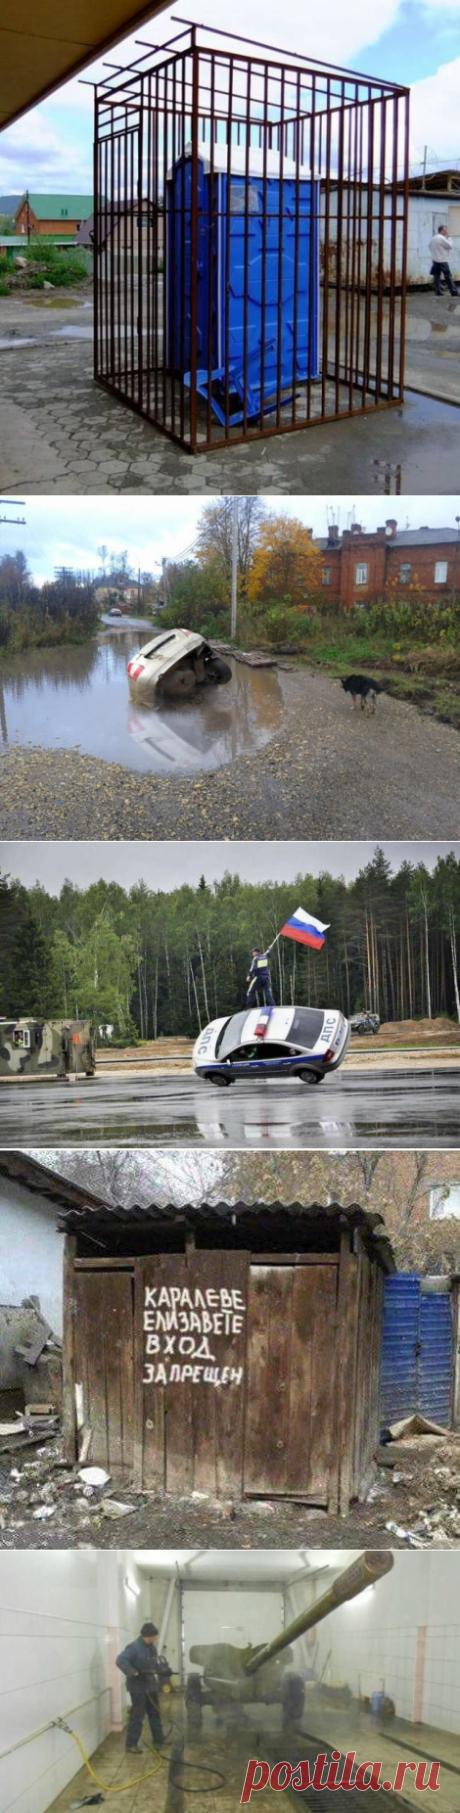 Роисся вперде-19